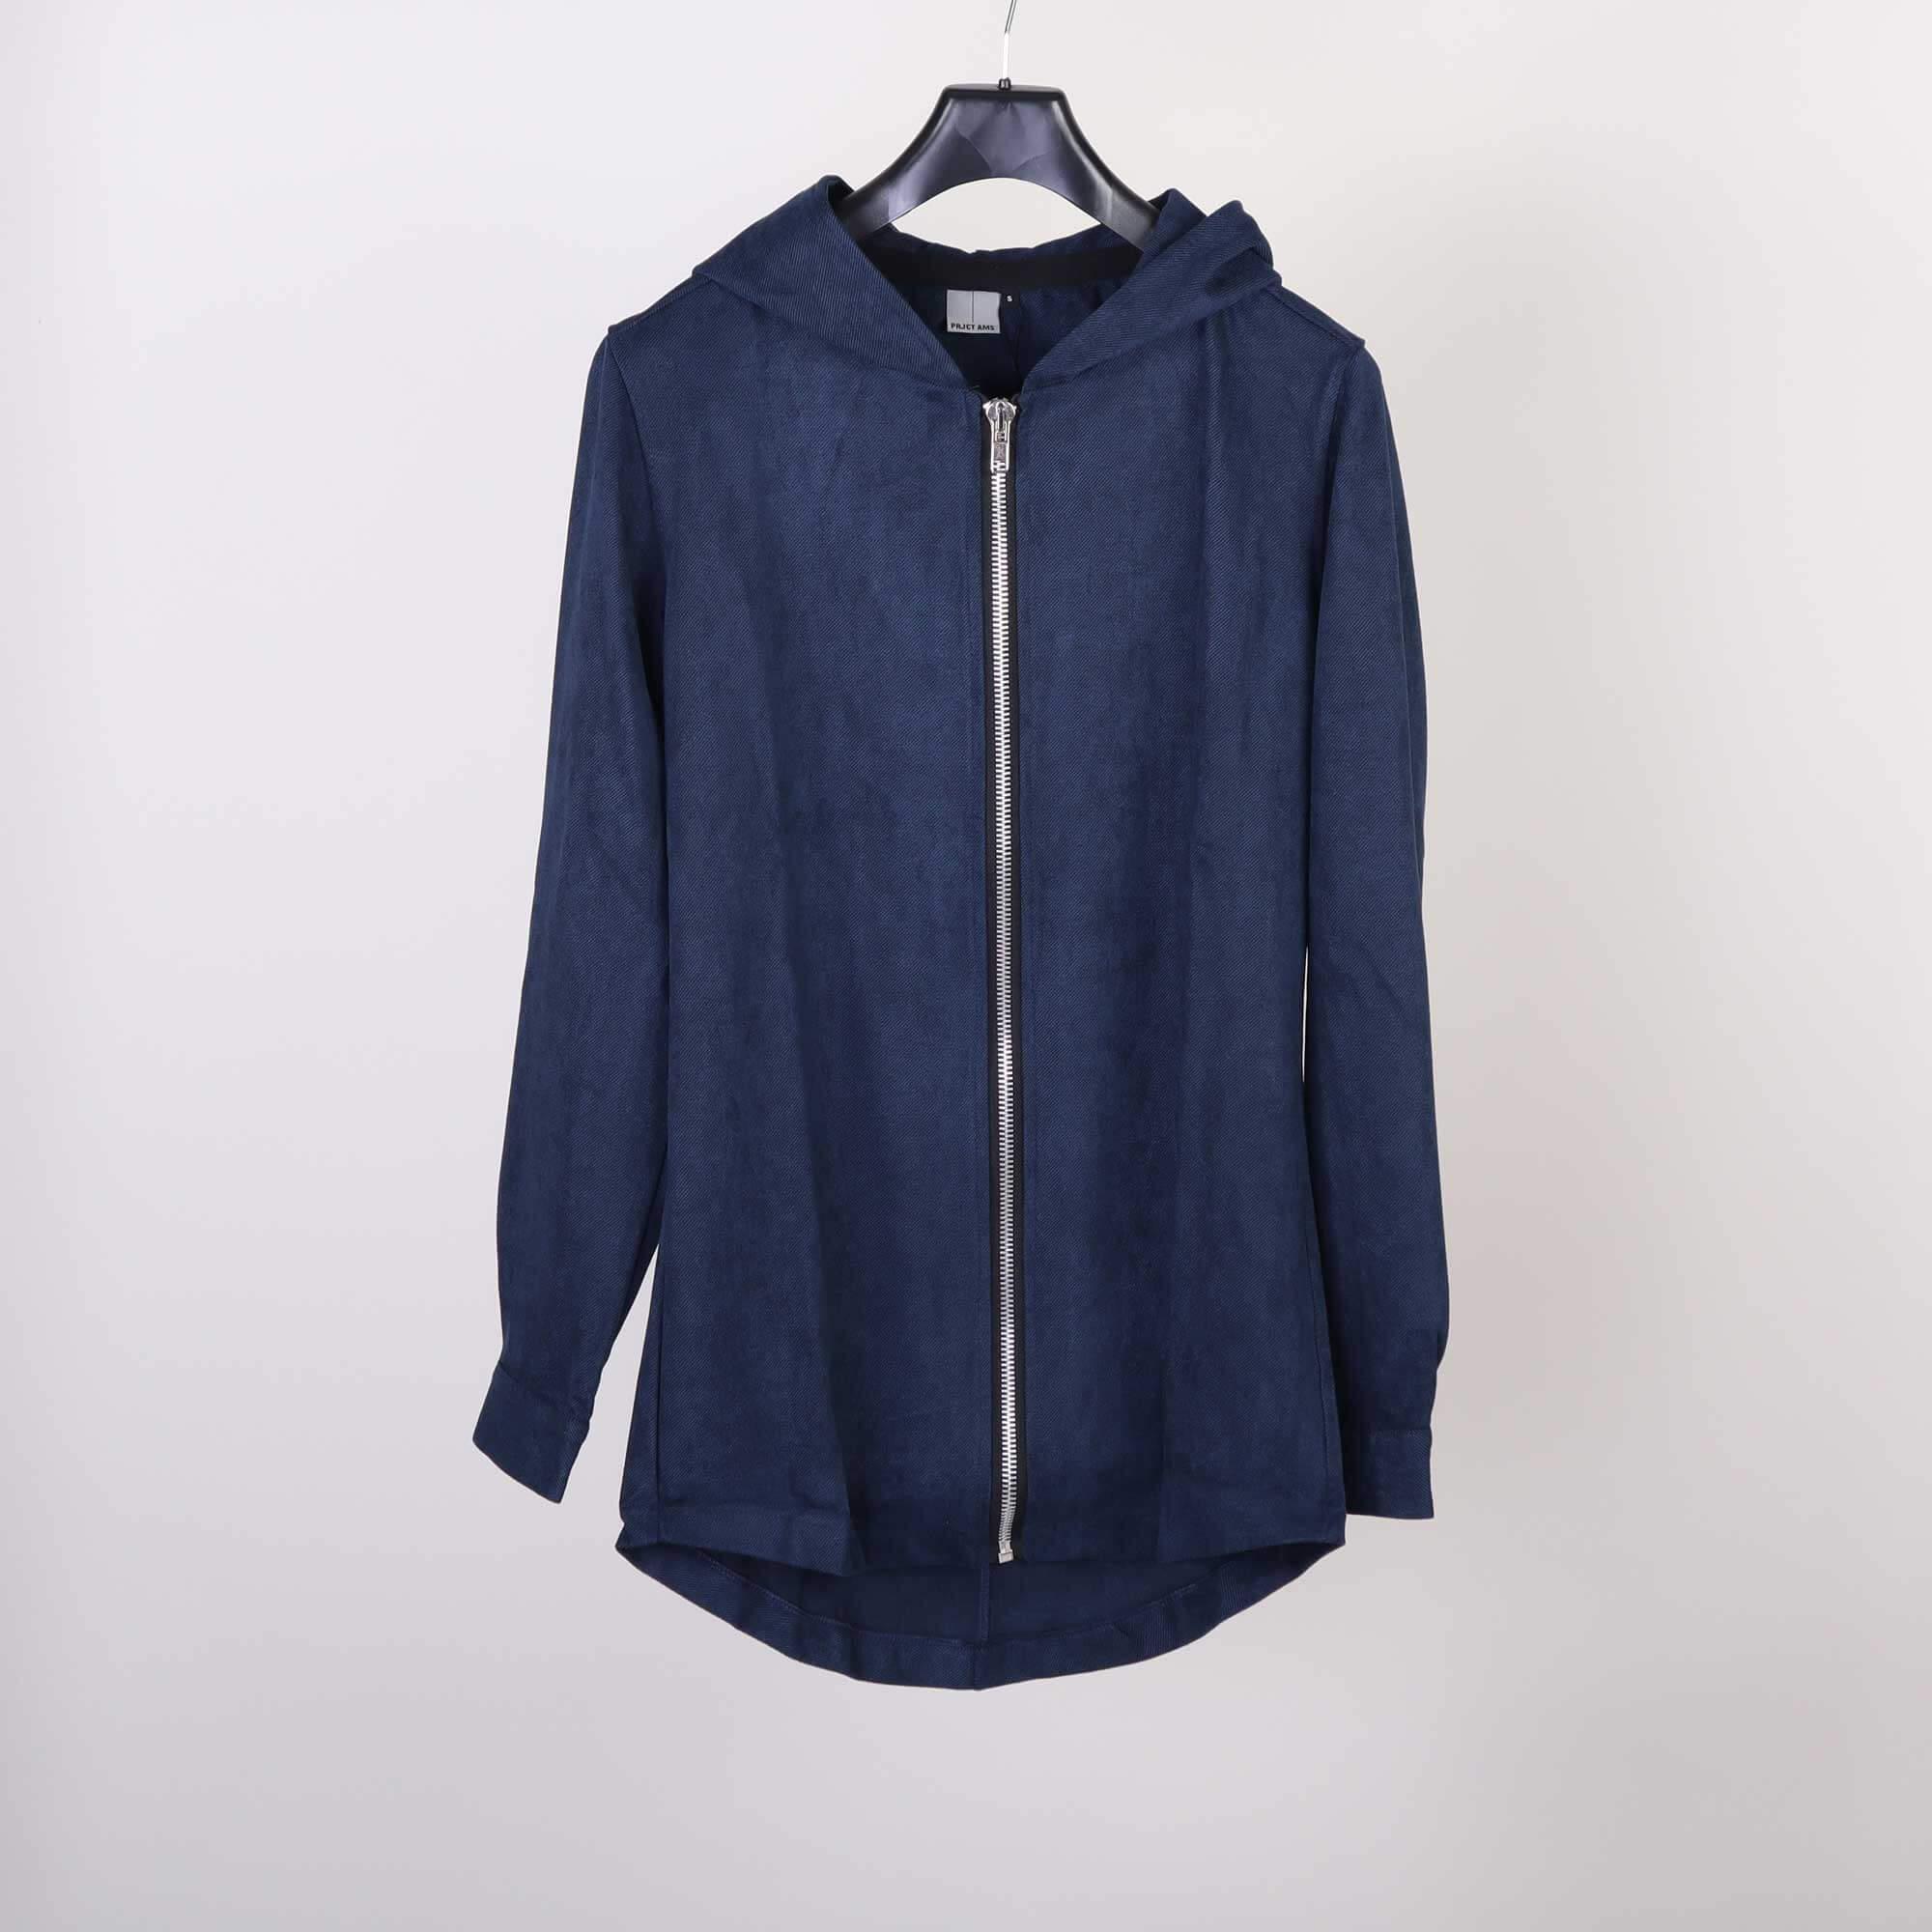 ziphoodie-blauw-1